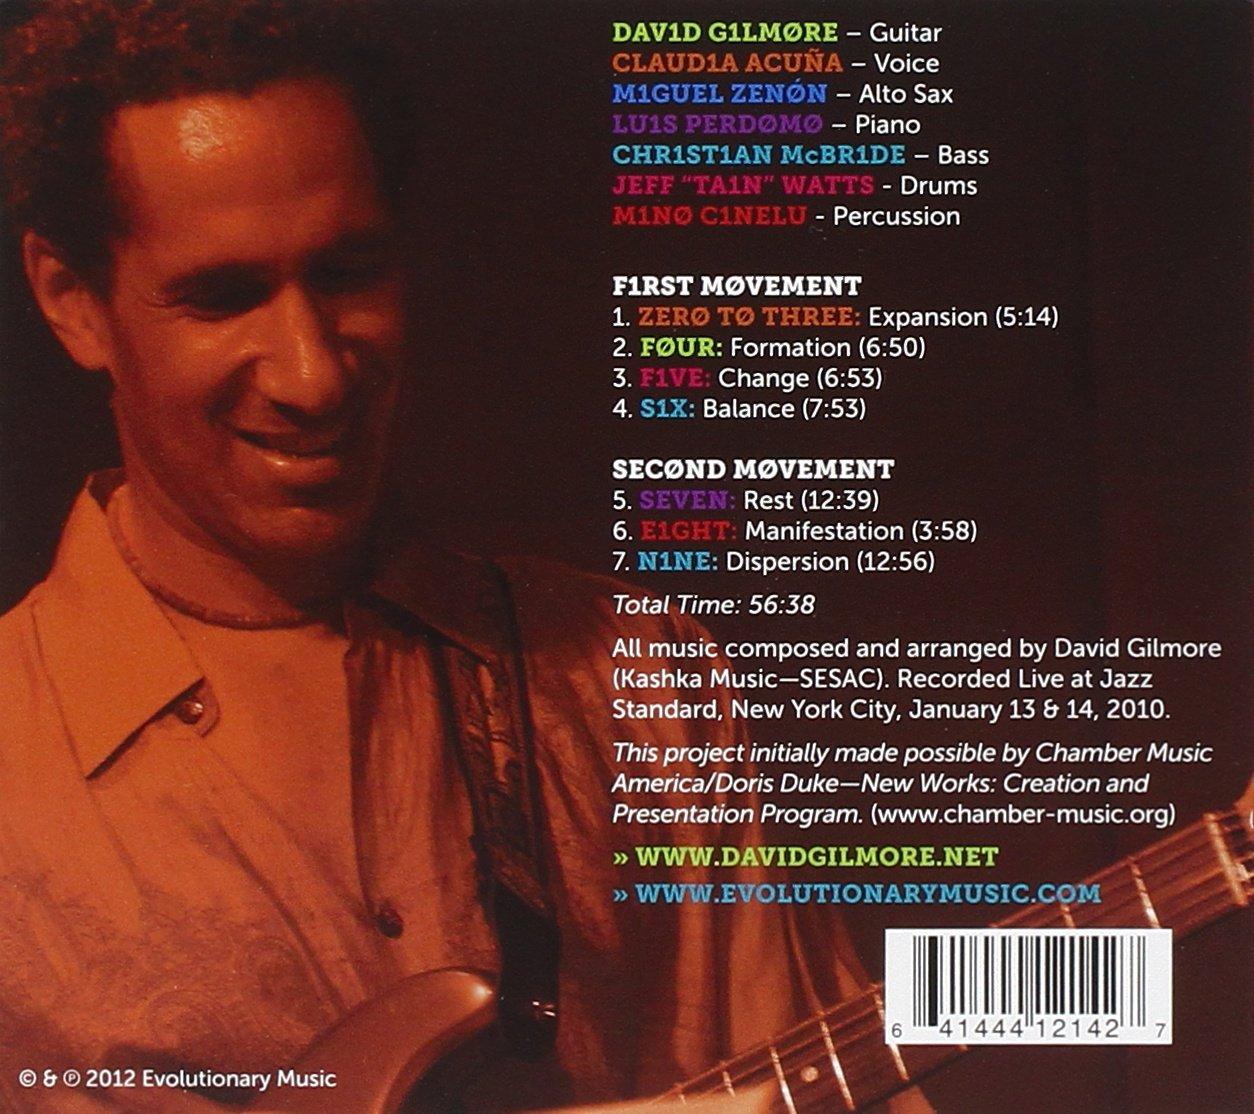 david gilmour allmusic discography